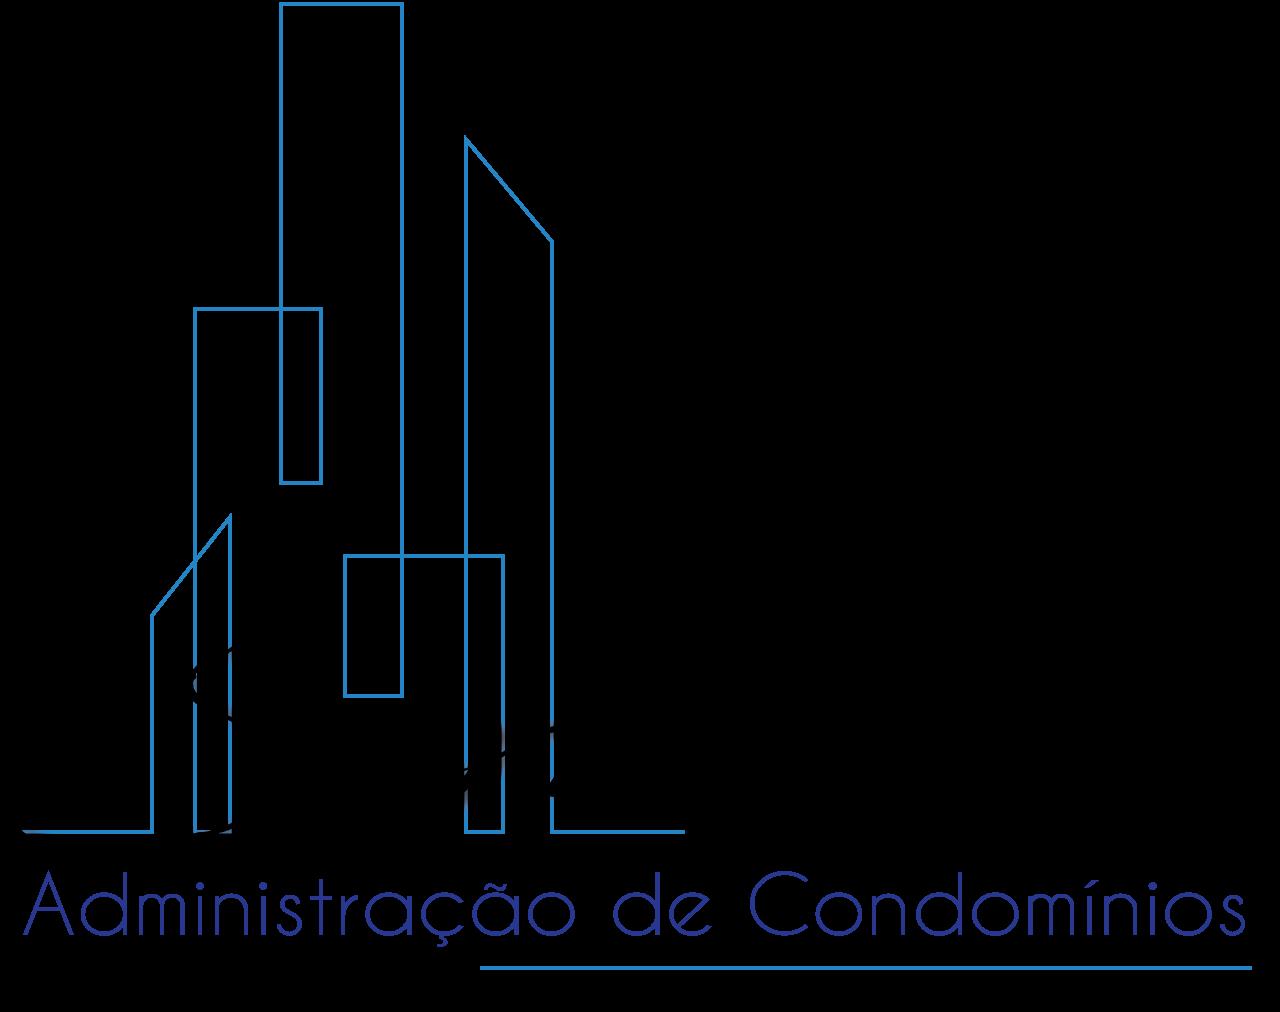 Sarabando - Administração De Condomínios